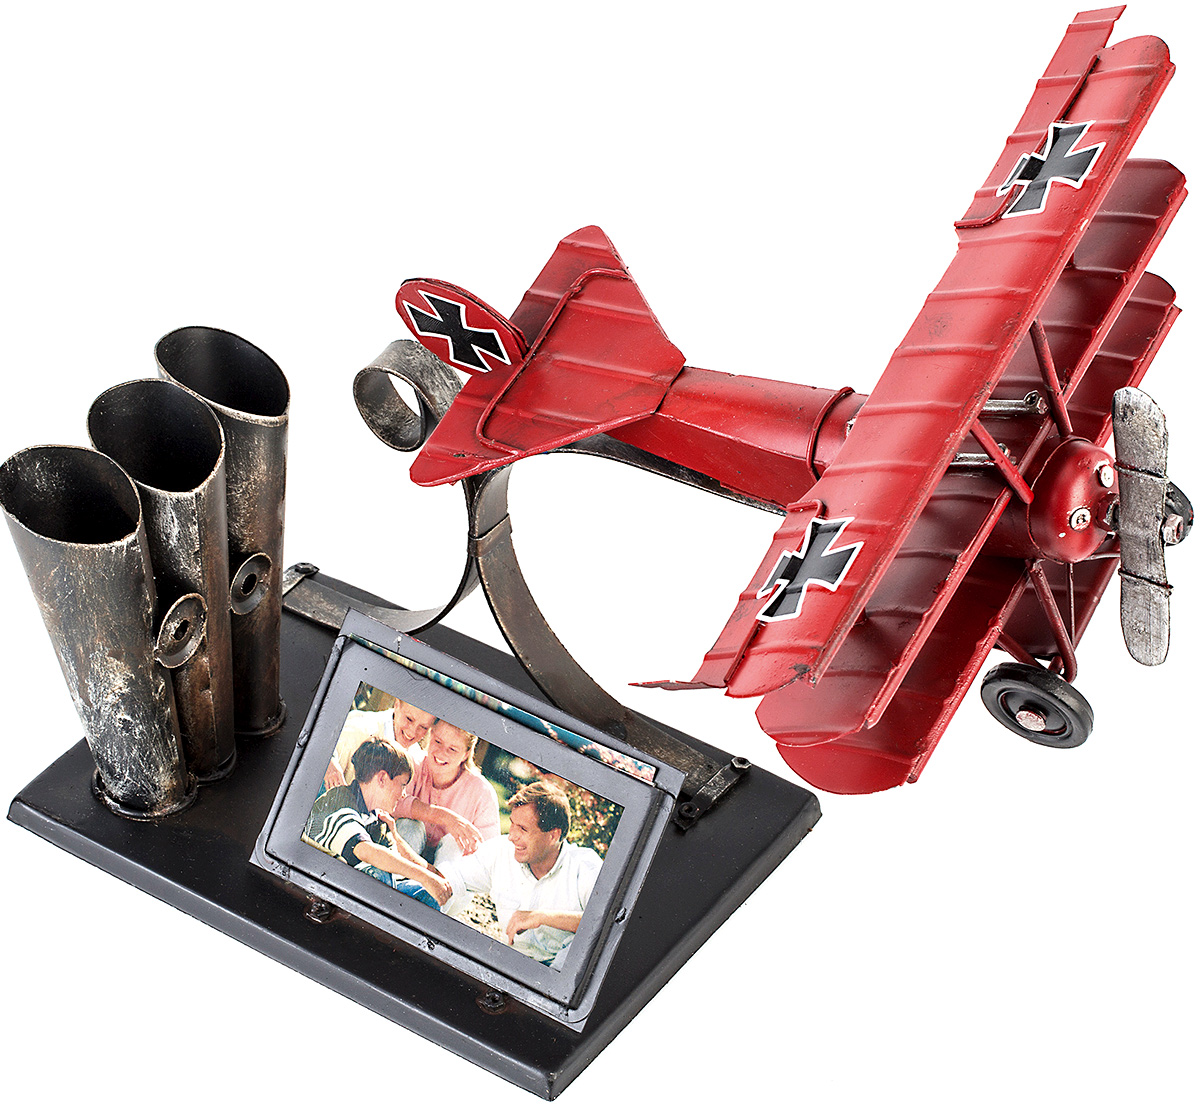 Фоторамка Platinum Самолет, с подставкой для ручек, 5 х 7 см46296 PP-46100Фоторамка Platinum Самолет, выполненная из металла, оснащена подставкой для ручек и карандашей. Такая фоторамка поможет вам оригинально и стильно дополнить интерьер помещения, а также позволит сохранить память о дорогих вам людях и интересных событиях вашей жизни.Подходит для фотографии размером: 5 х 7 см.